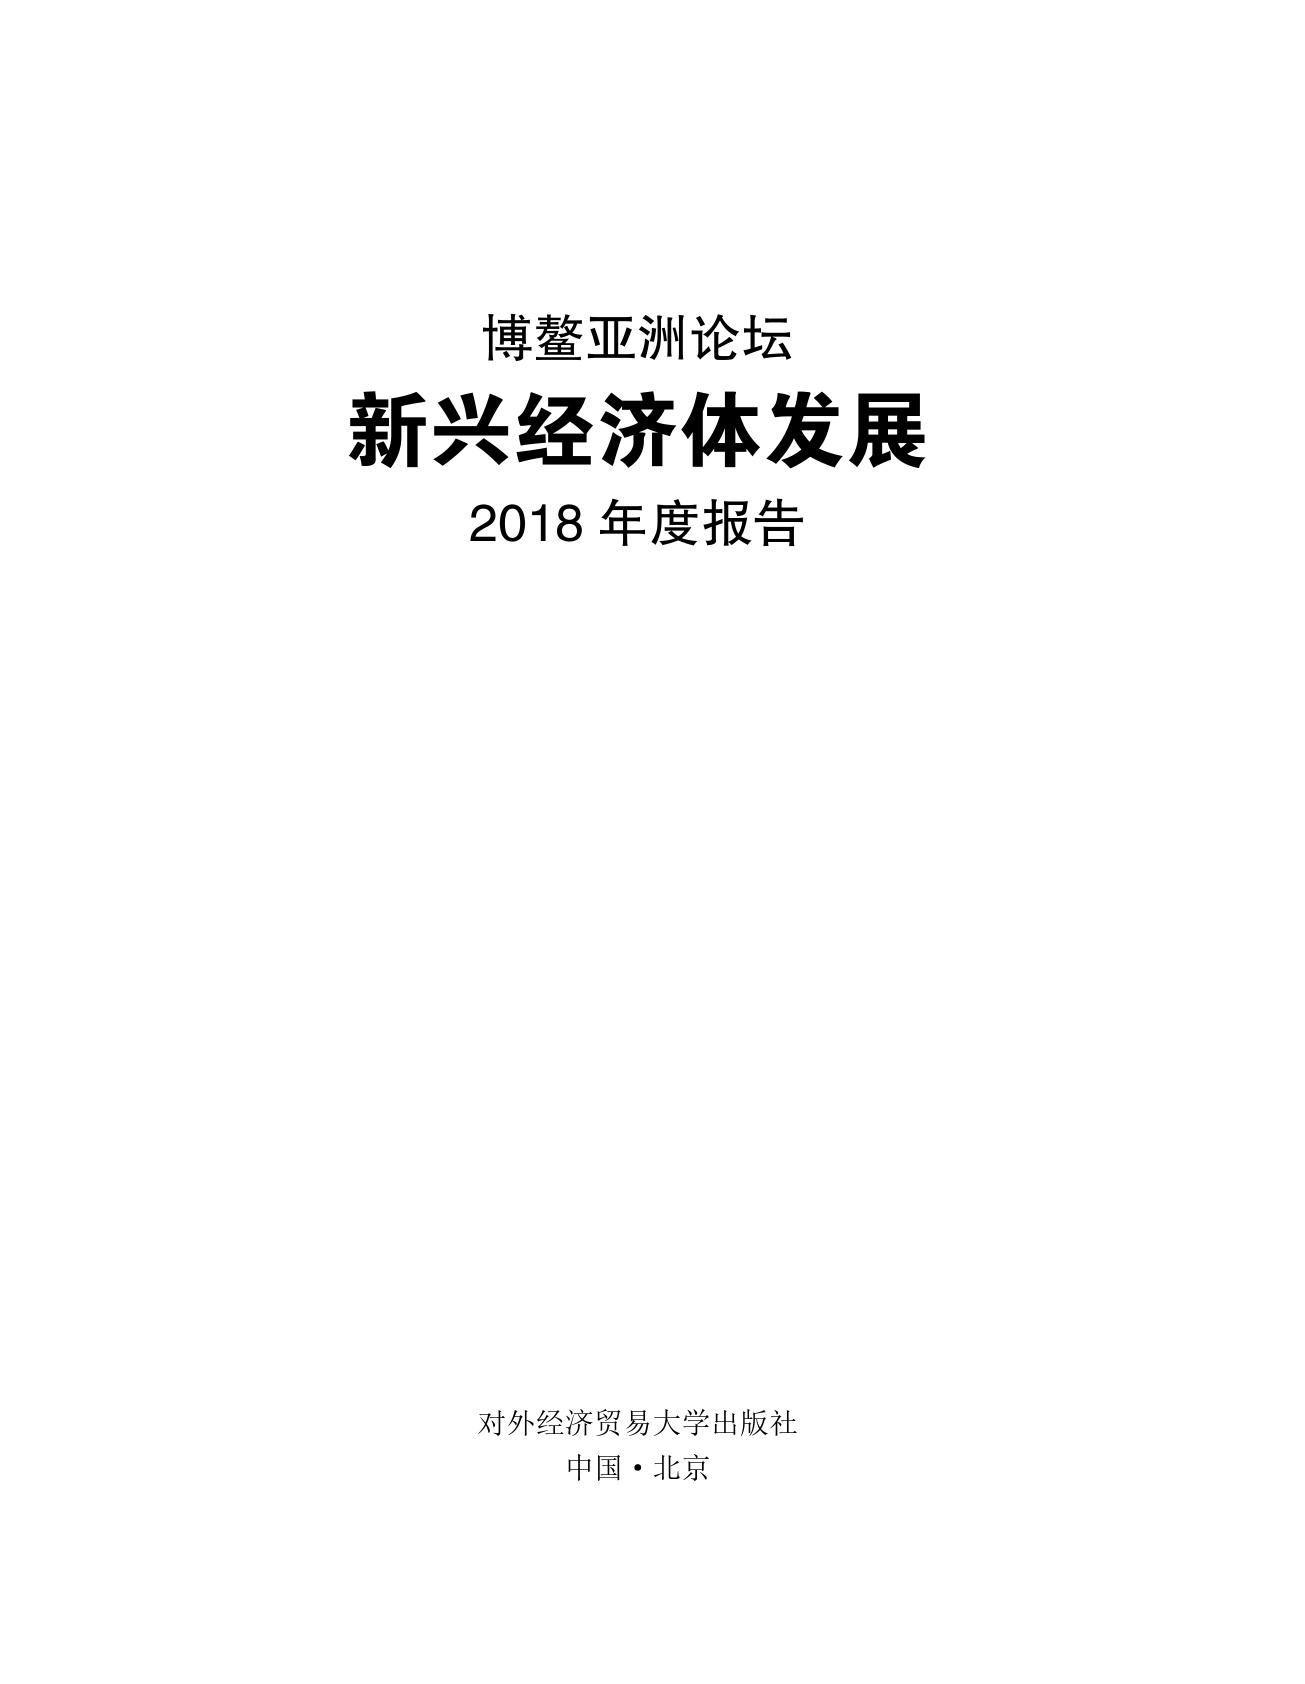 博鳌亚洲论坛:2018年度新兴经济体发展报告